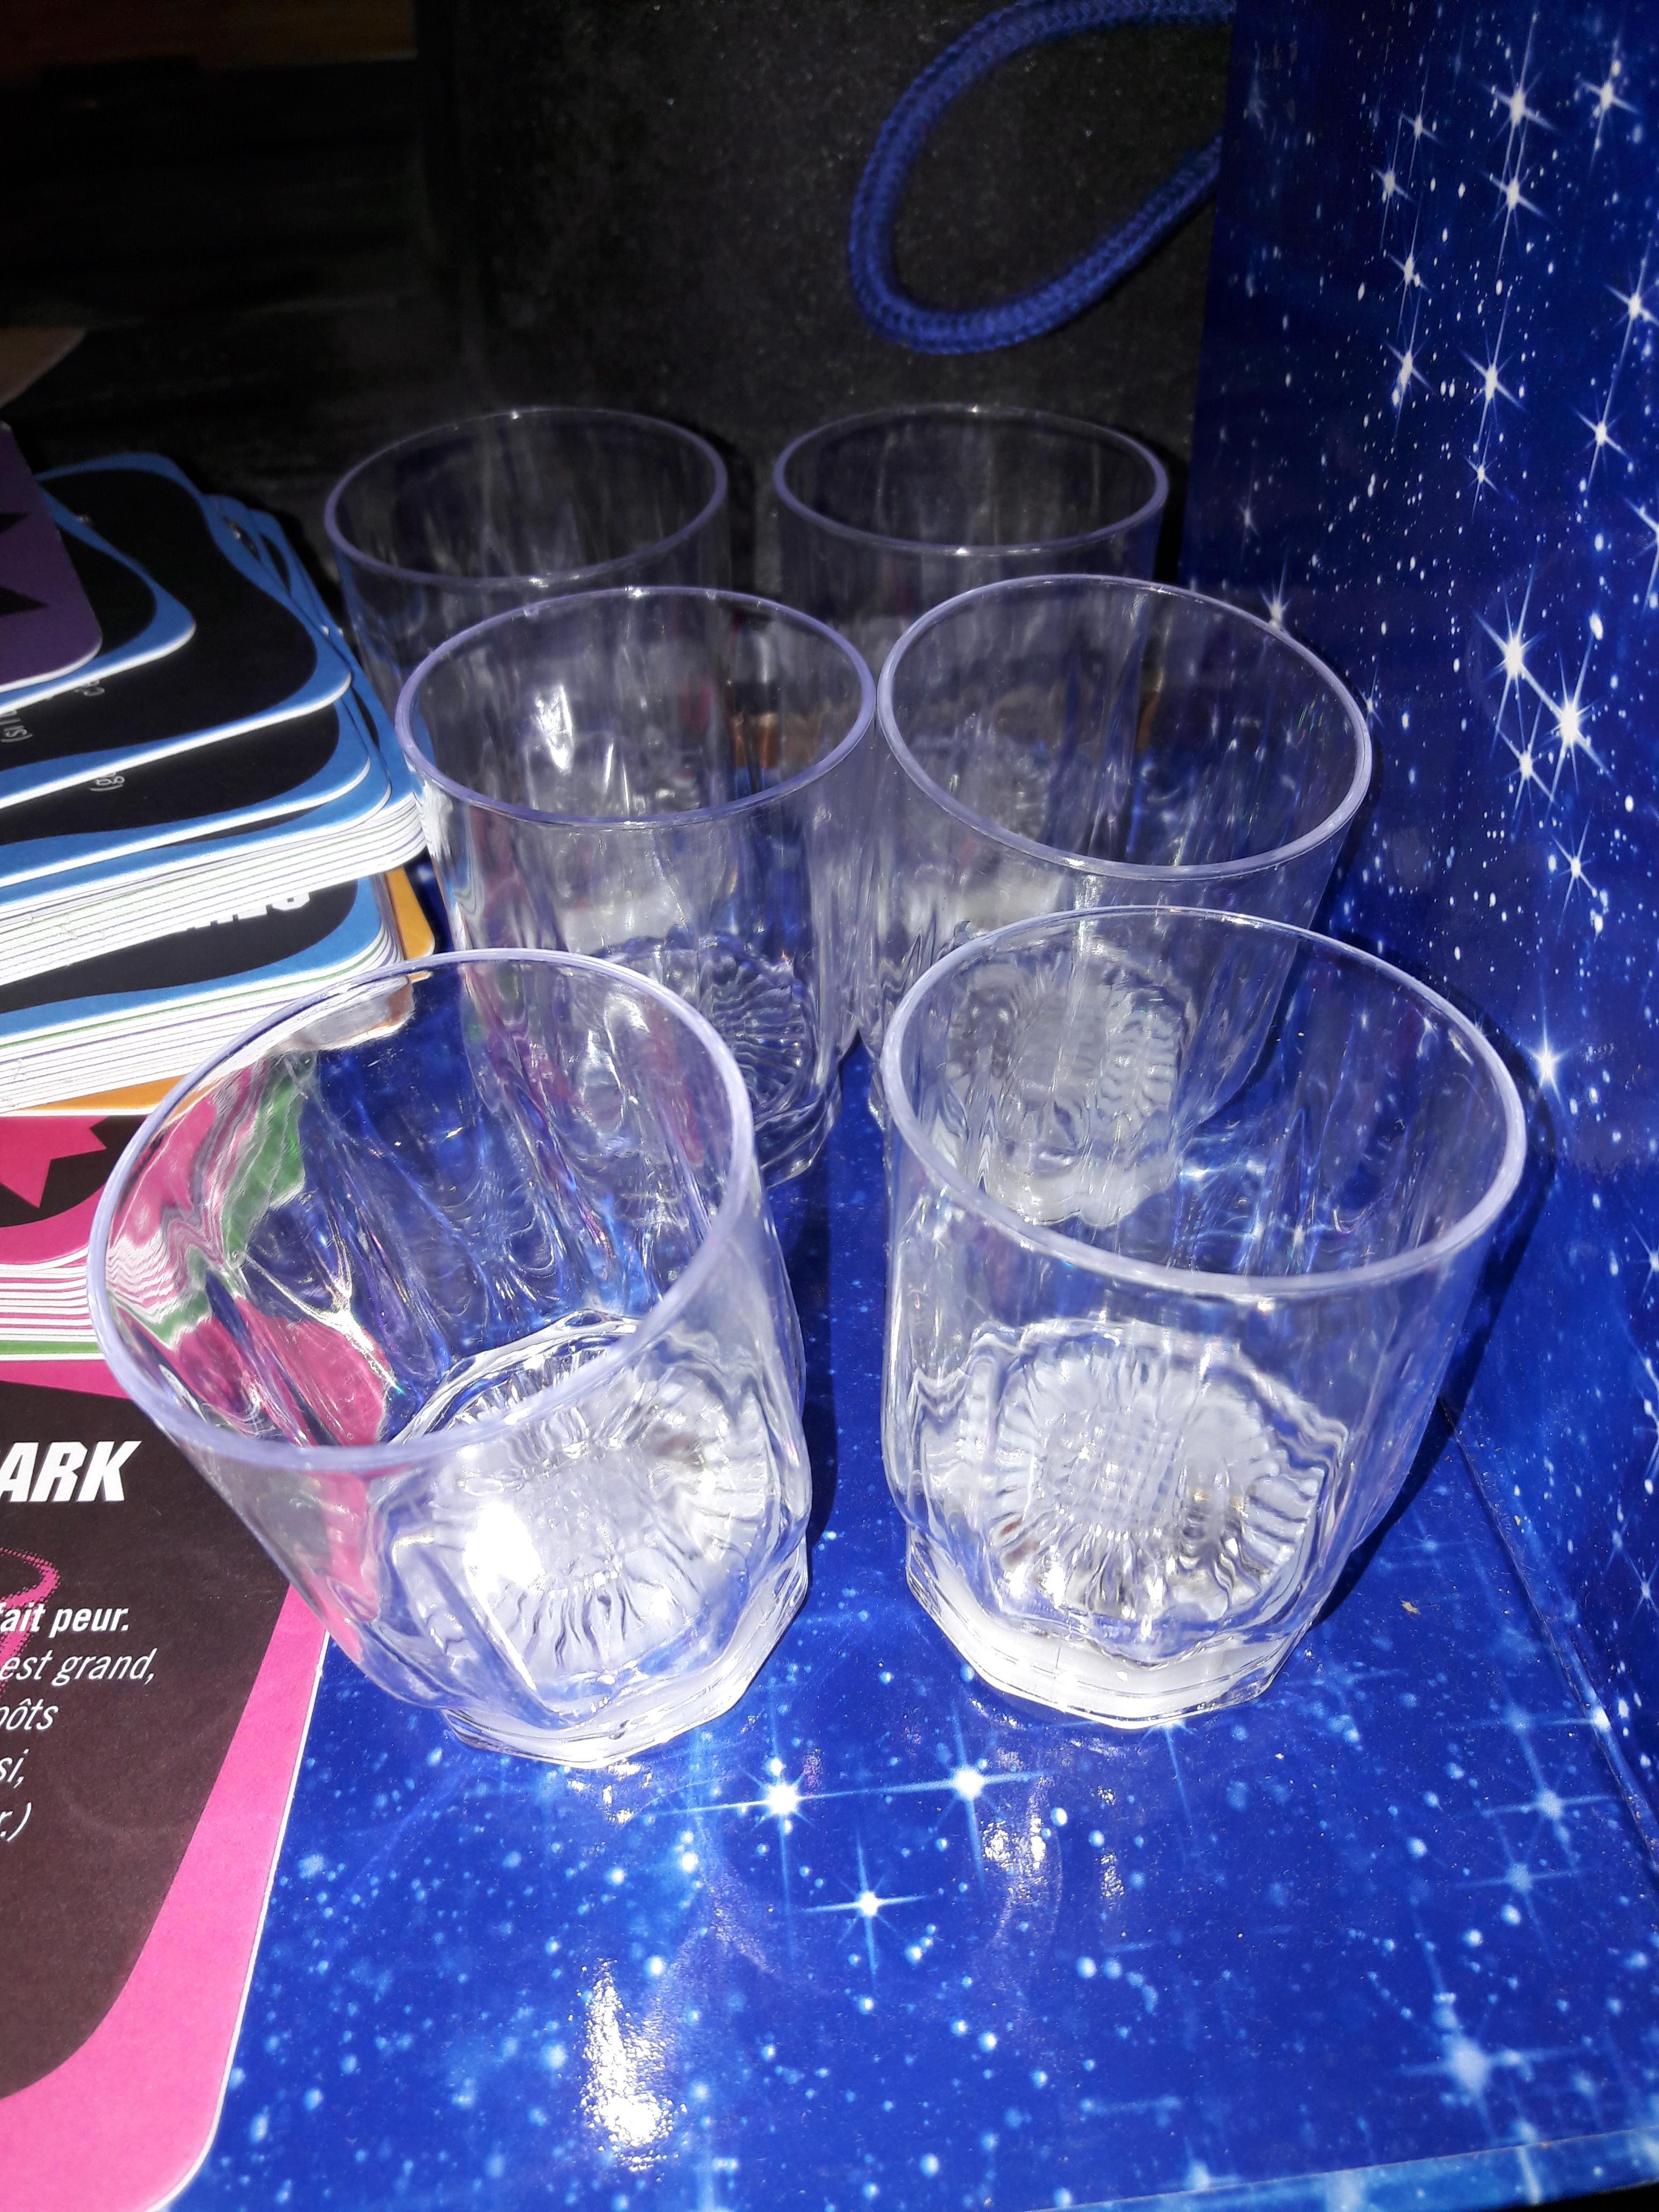 """troc de troc jeu """"night party"""" image 1"""